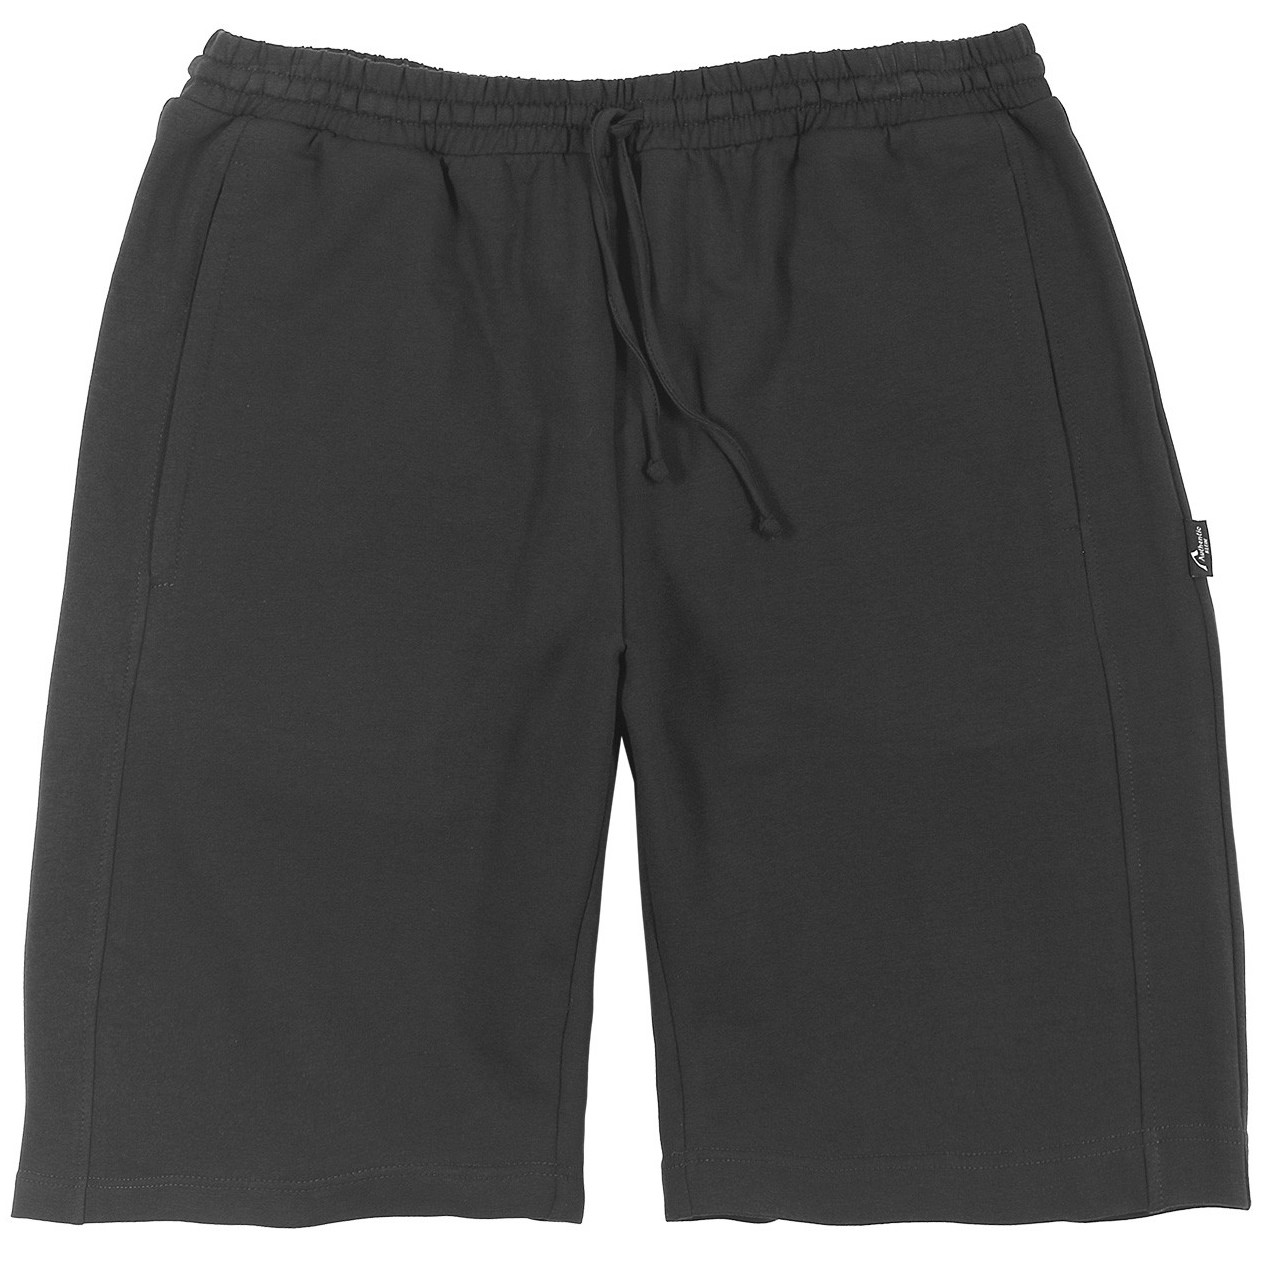 XXL Authentic Klein Herren Bermuda Short Baumwolle Übergröße